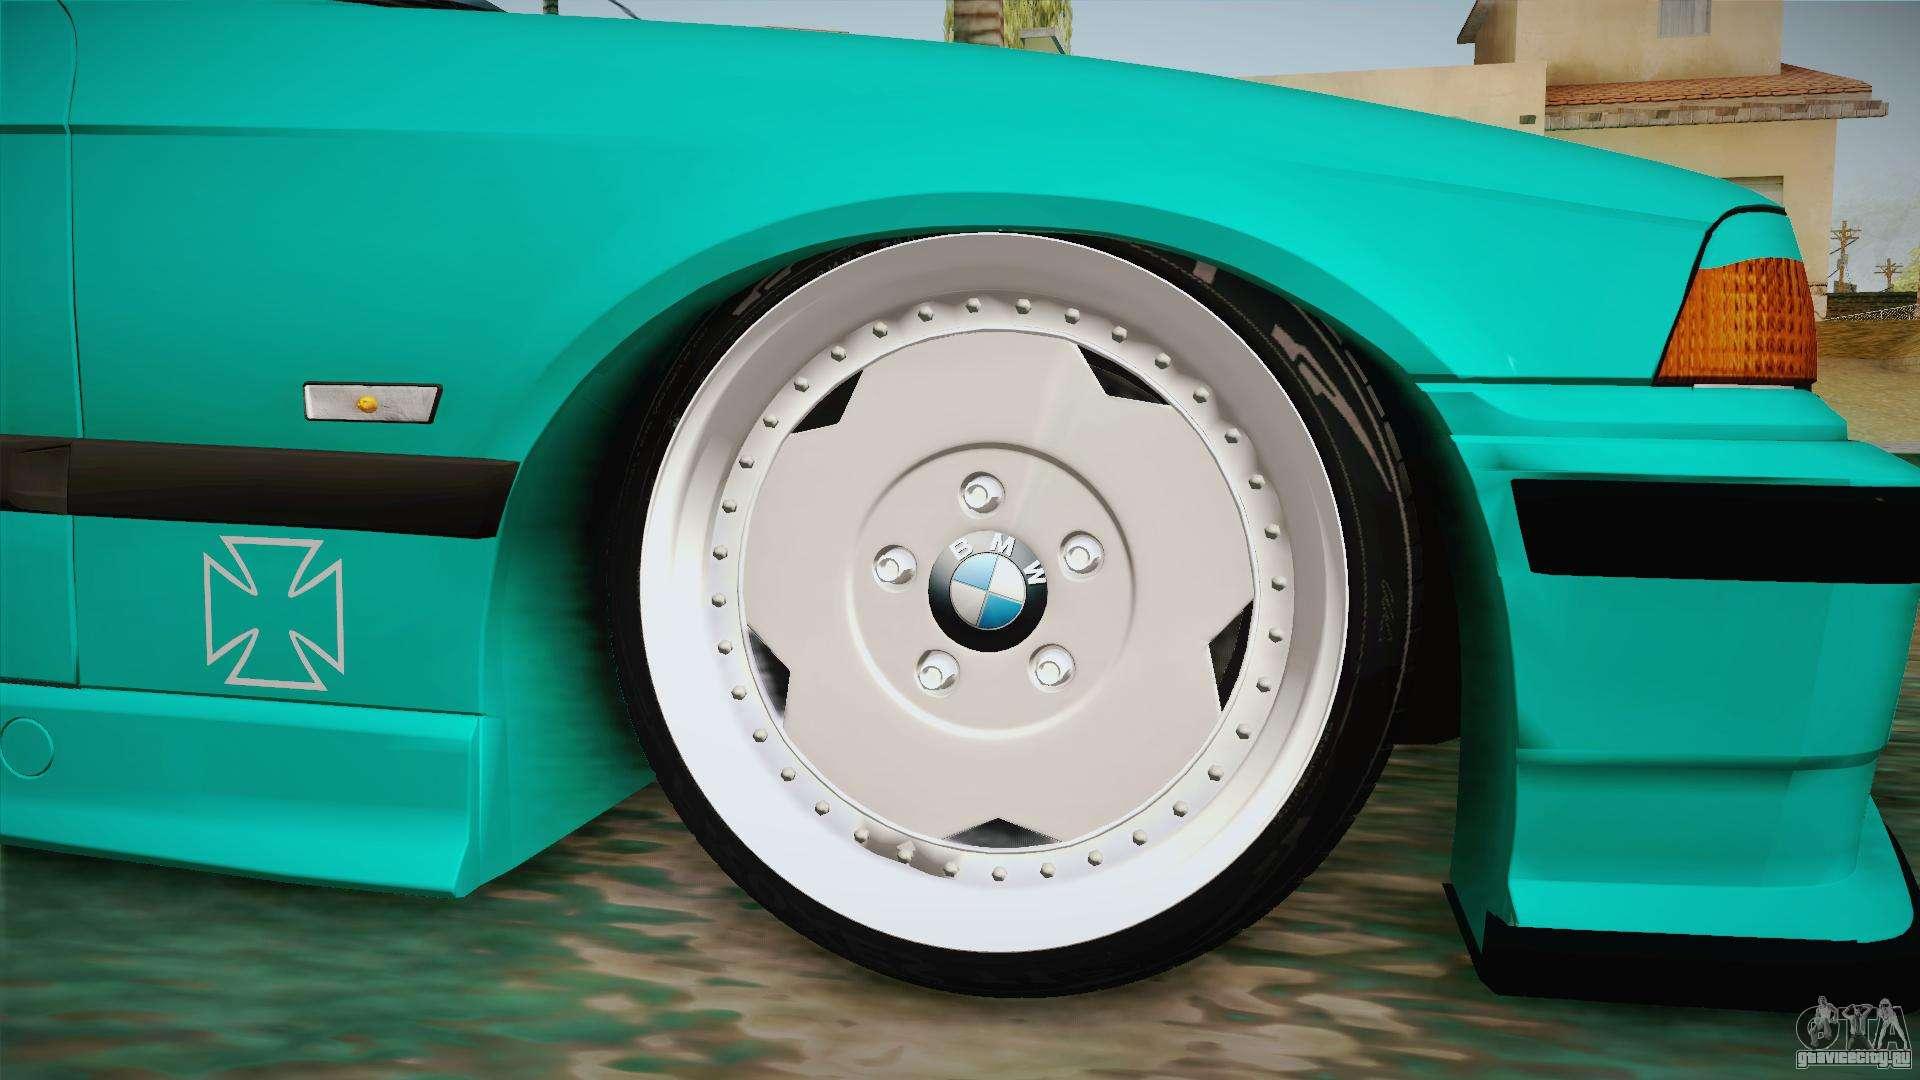 BMW e38 для 3d инструктор